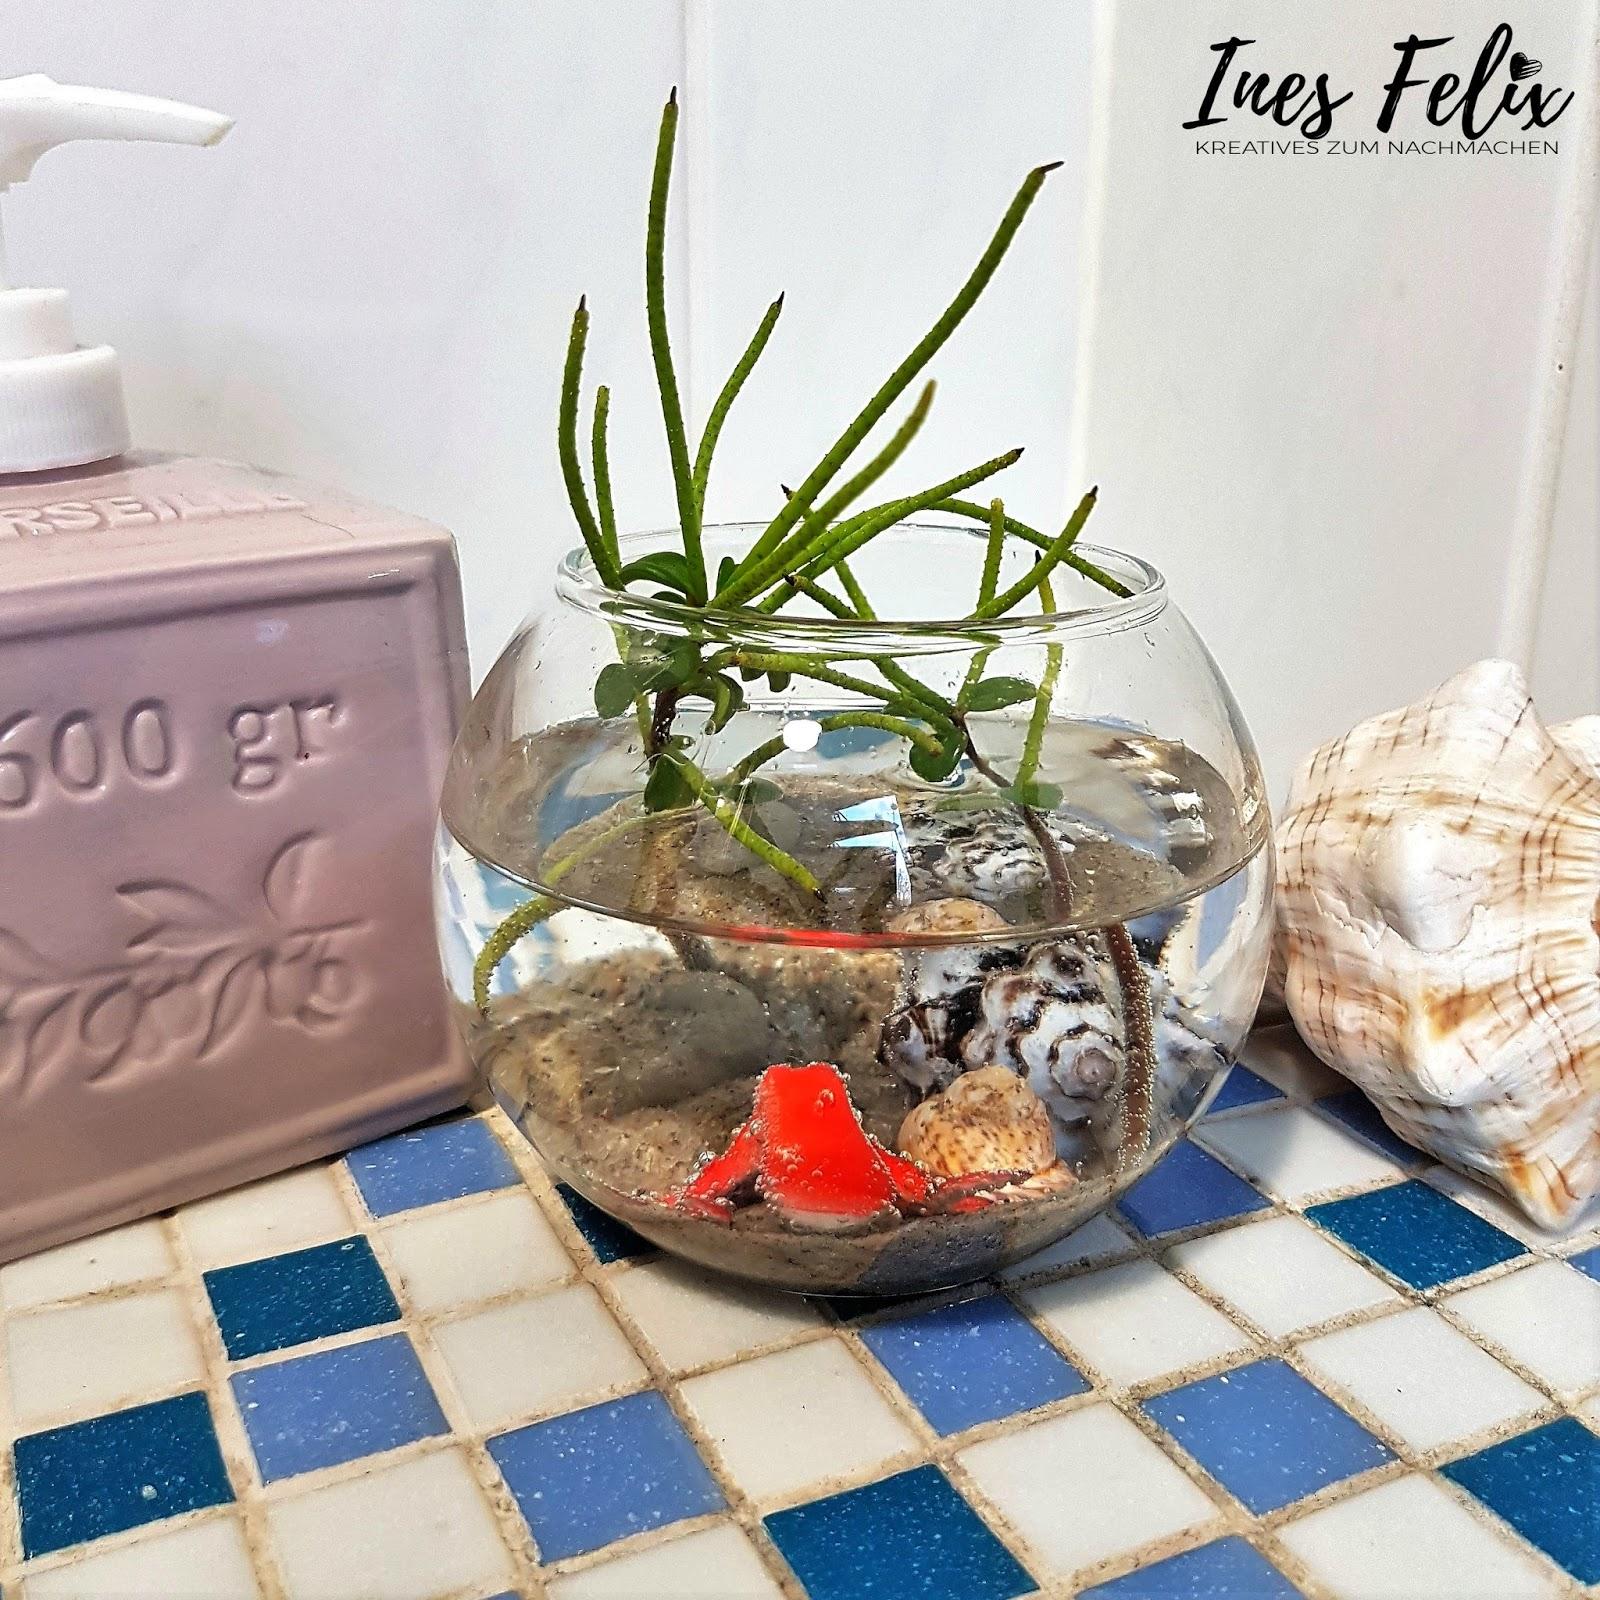 Überall Im Haus Stehen Diese Kleinen Dekorationen Herum, Die Man Jederzeit  Umbauen Und Umdekorieren Kann   Einfach Wunderbar. Ganz Neu In Unserem  Badezimmer ...